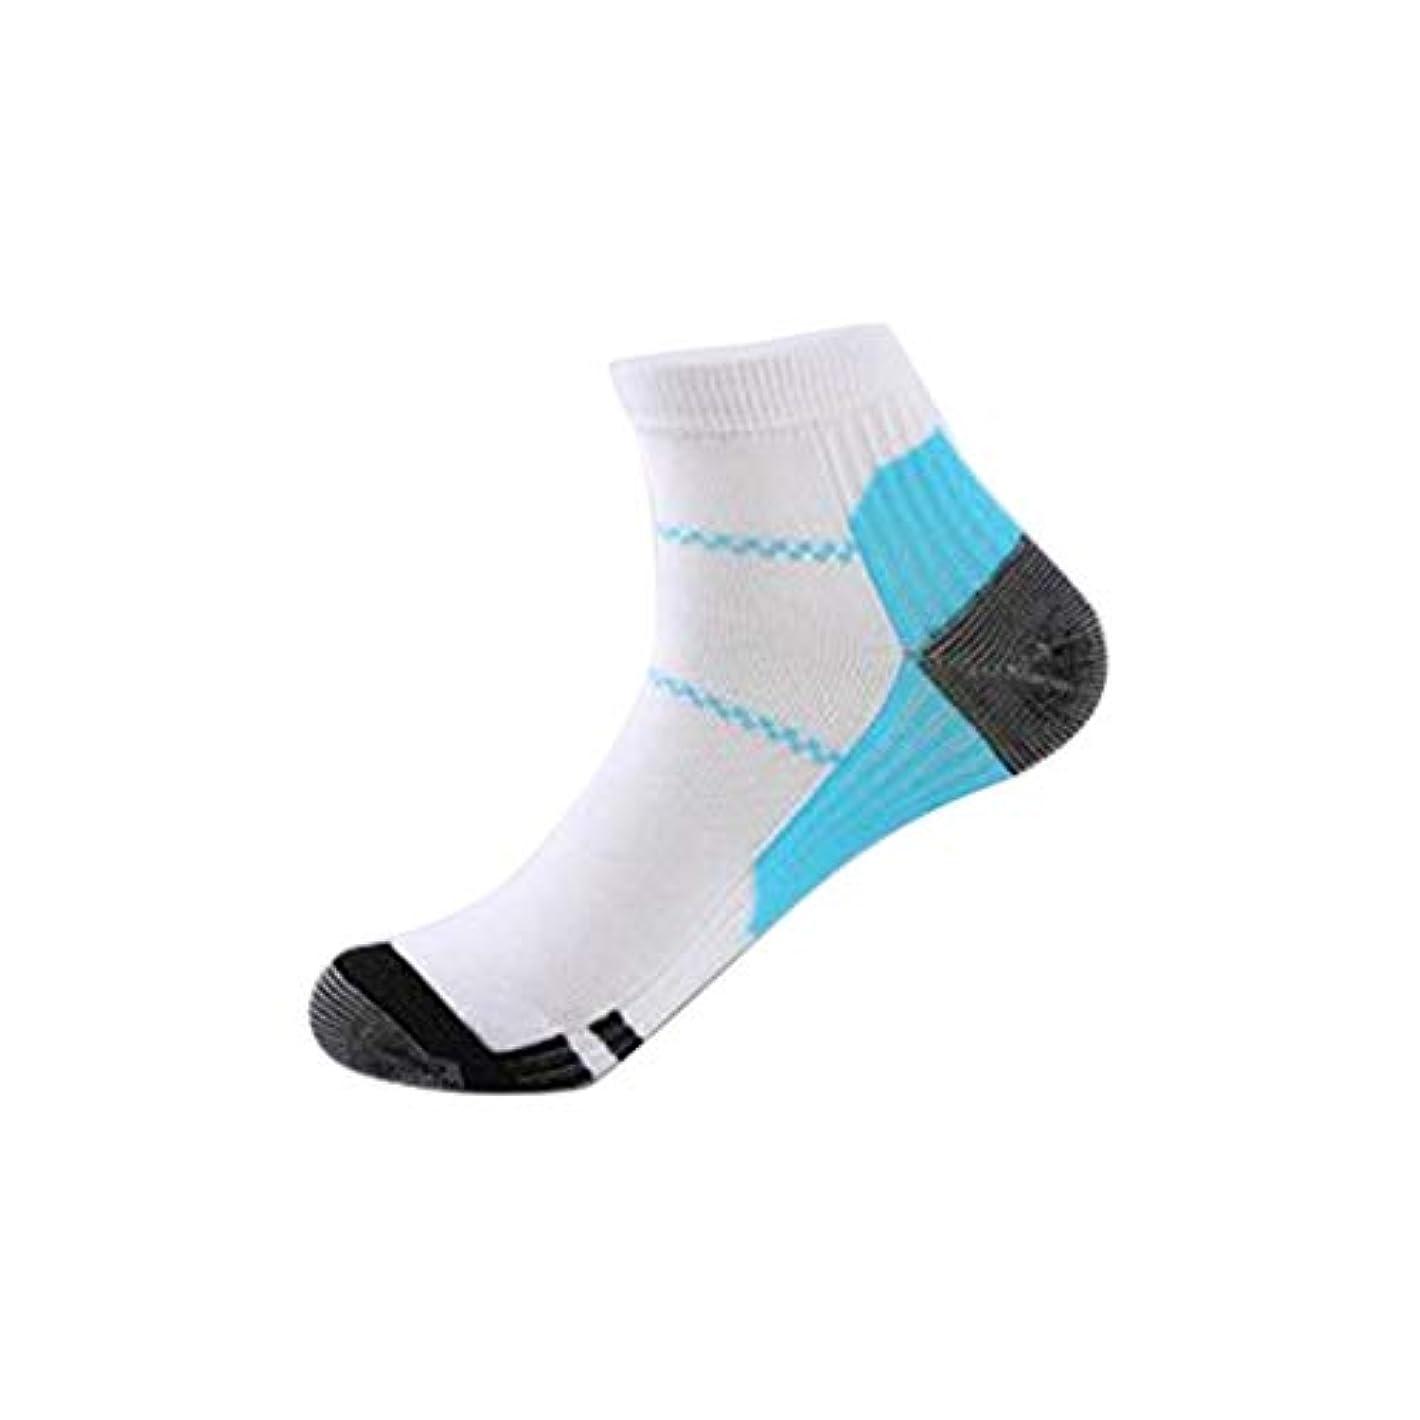 に勝るうまくいけば写真を撮る快適な男性女性ファッション短いストレッチ圧縮靴下膝ソックスサポートストレッチ通気性ソックス - ホワイト&ブルーS/M